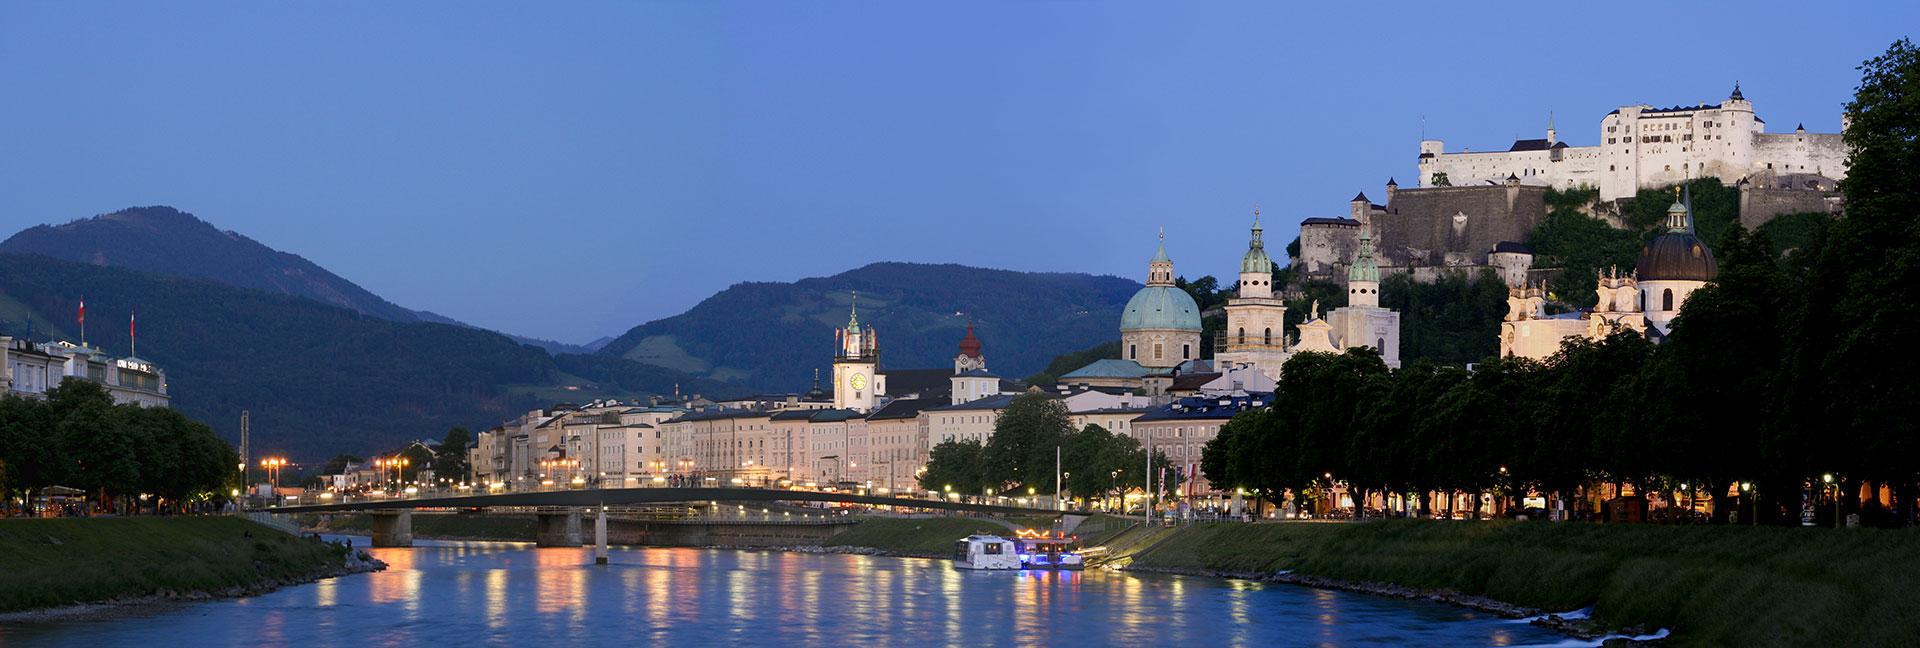 Ausflugsziele im Salzburger Land & in der Stadt Salzburg